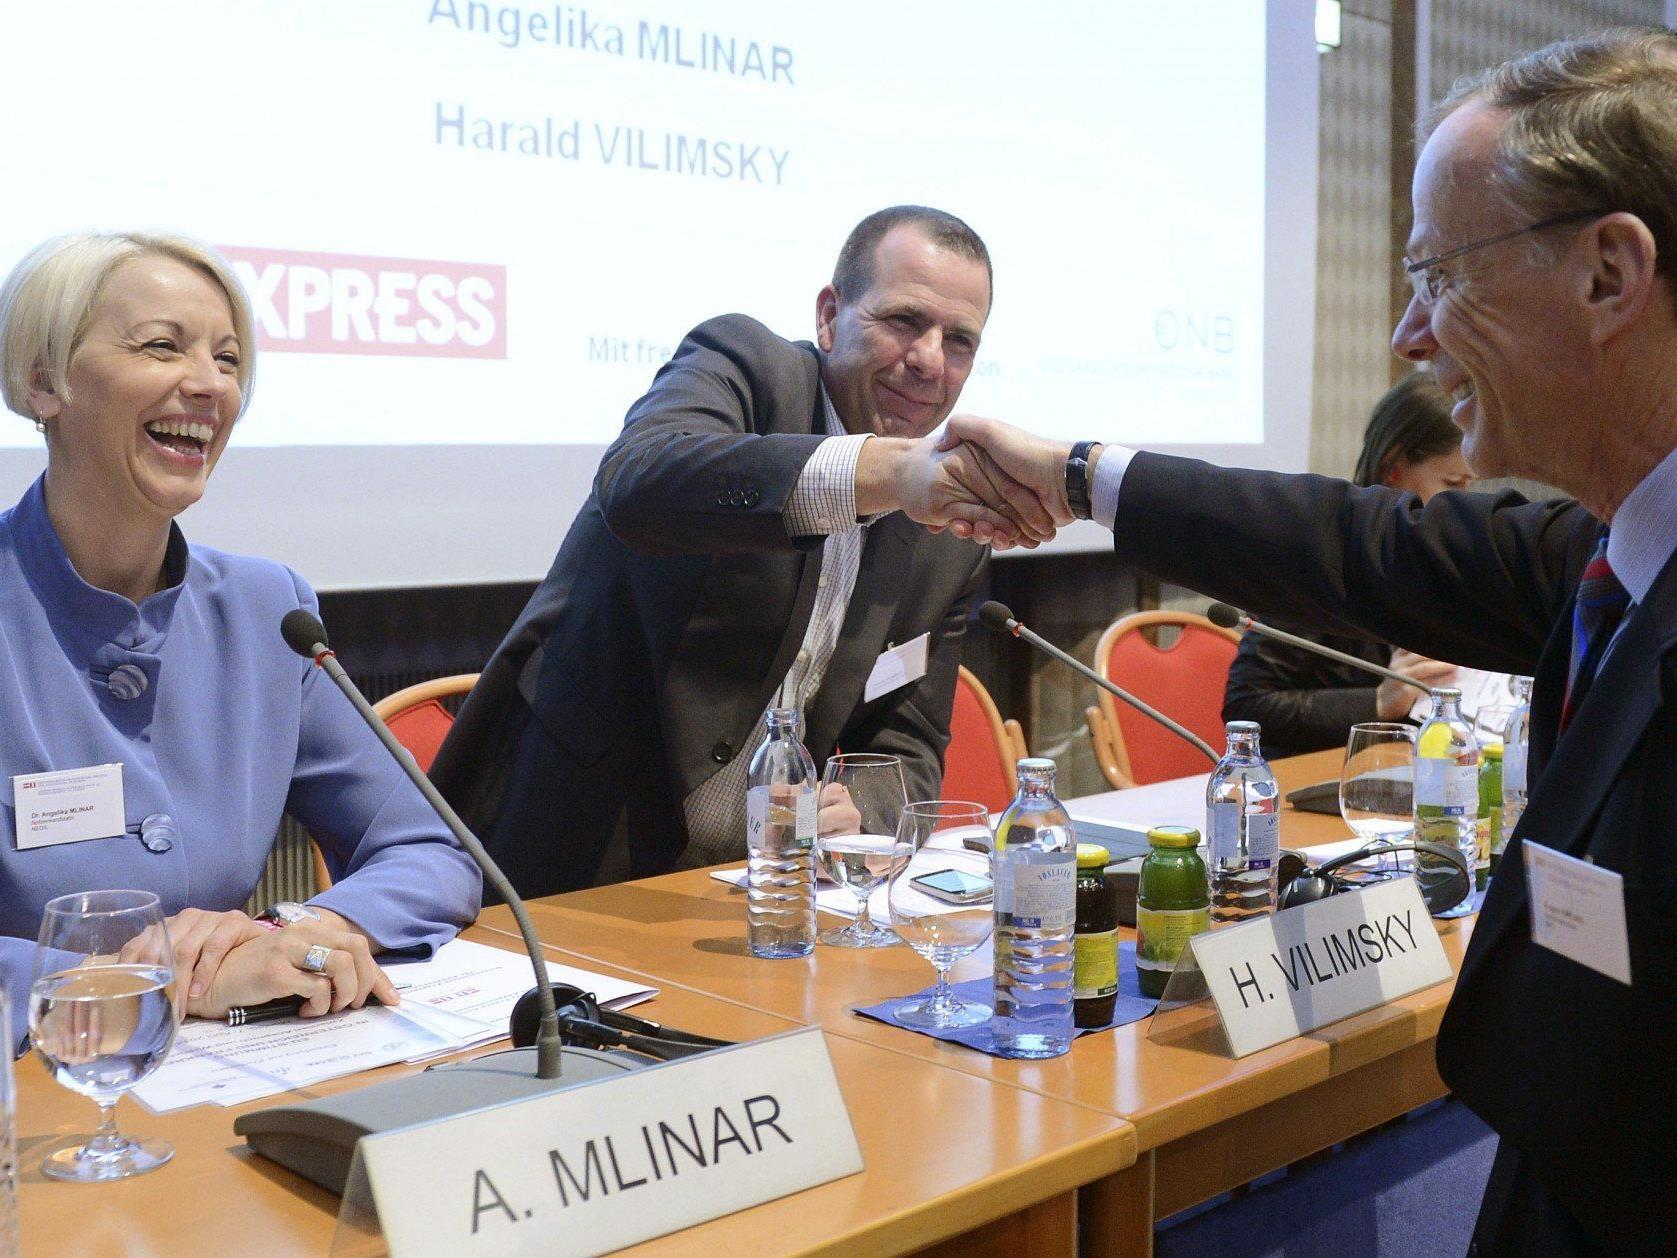 Vilimsky (Bildmitte) zeigt sich hocherfreut.